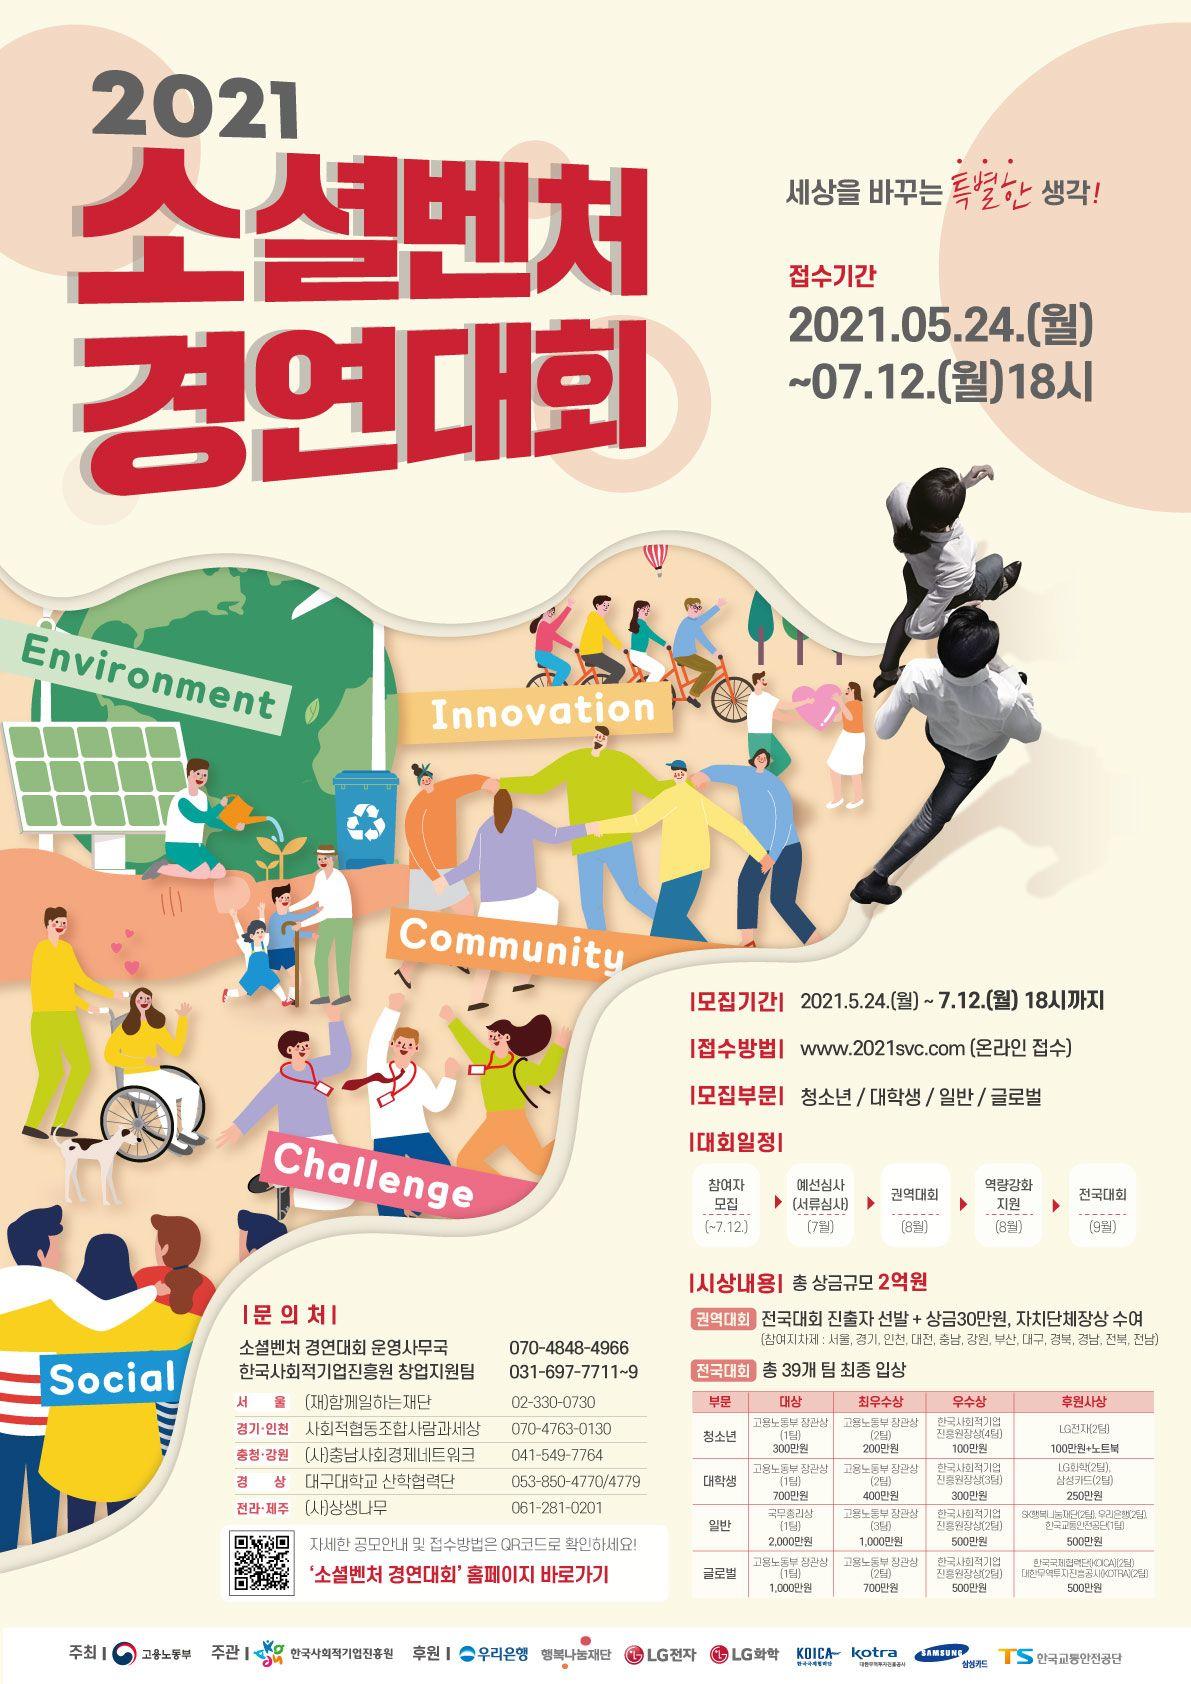 [고용노동부] 2021 소셜벤처 경연대회